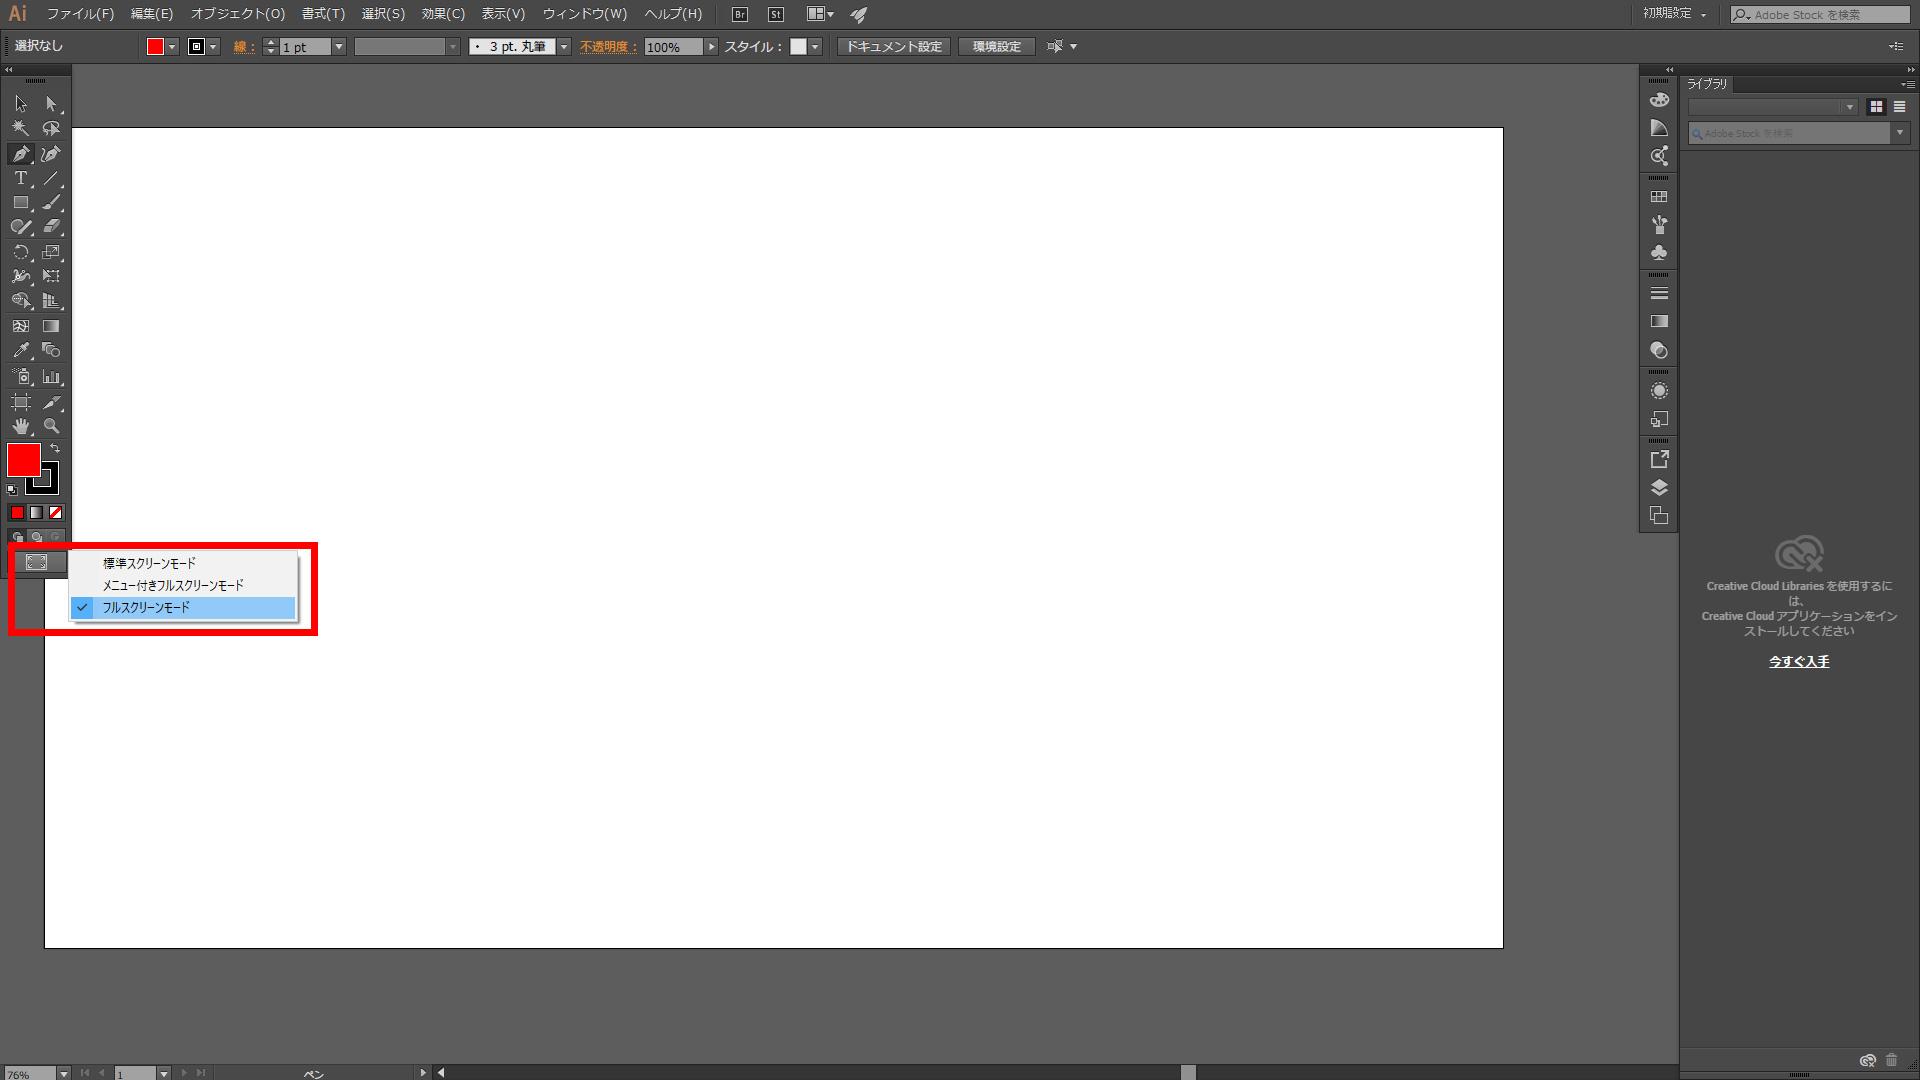 ツールバーの「スクリーンモード」から「フルスクリーン」を選択する